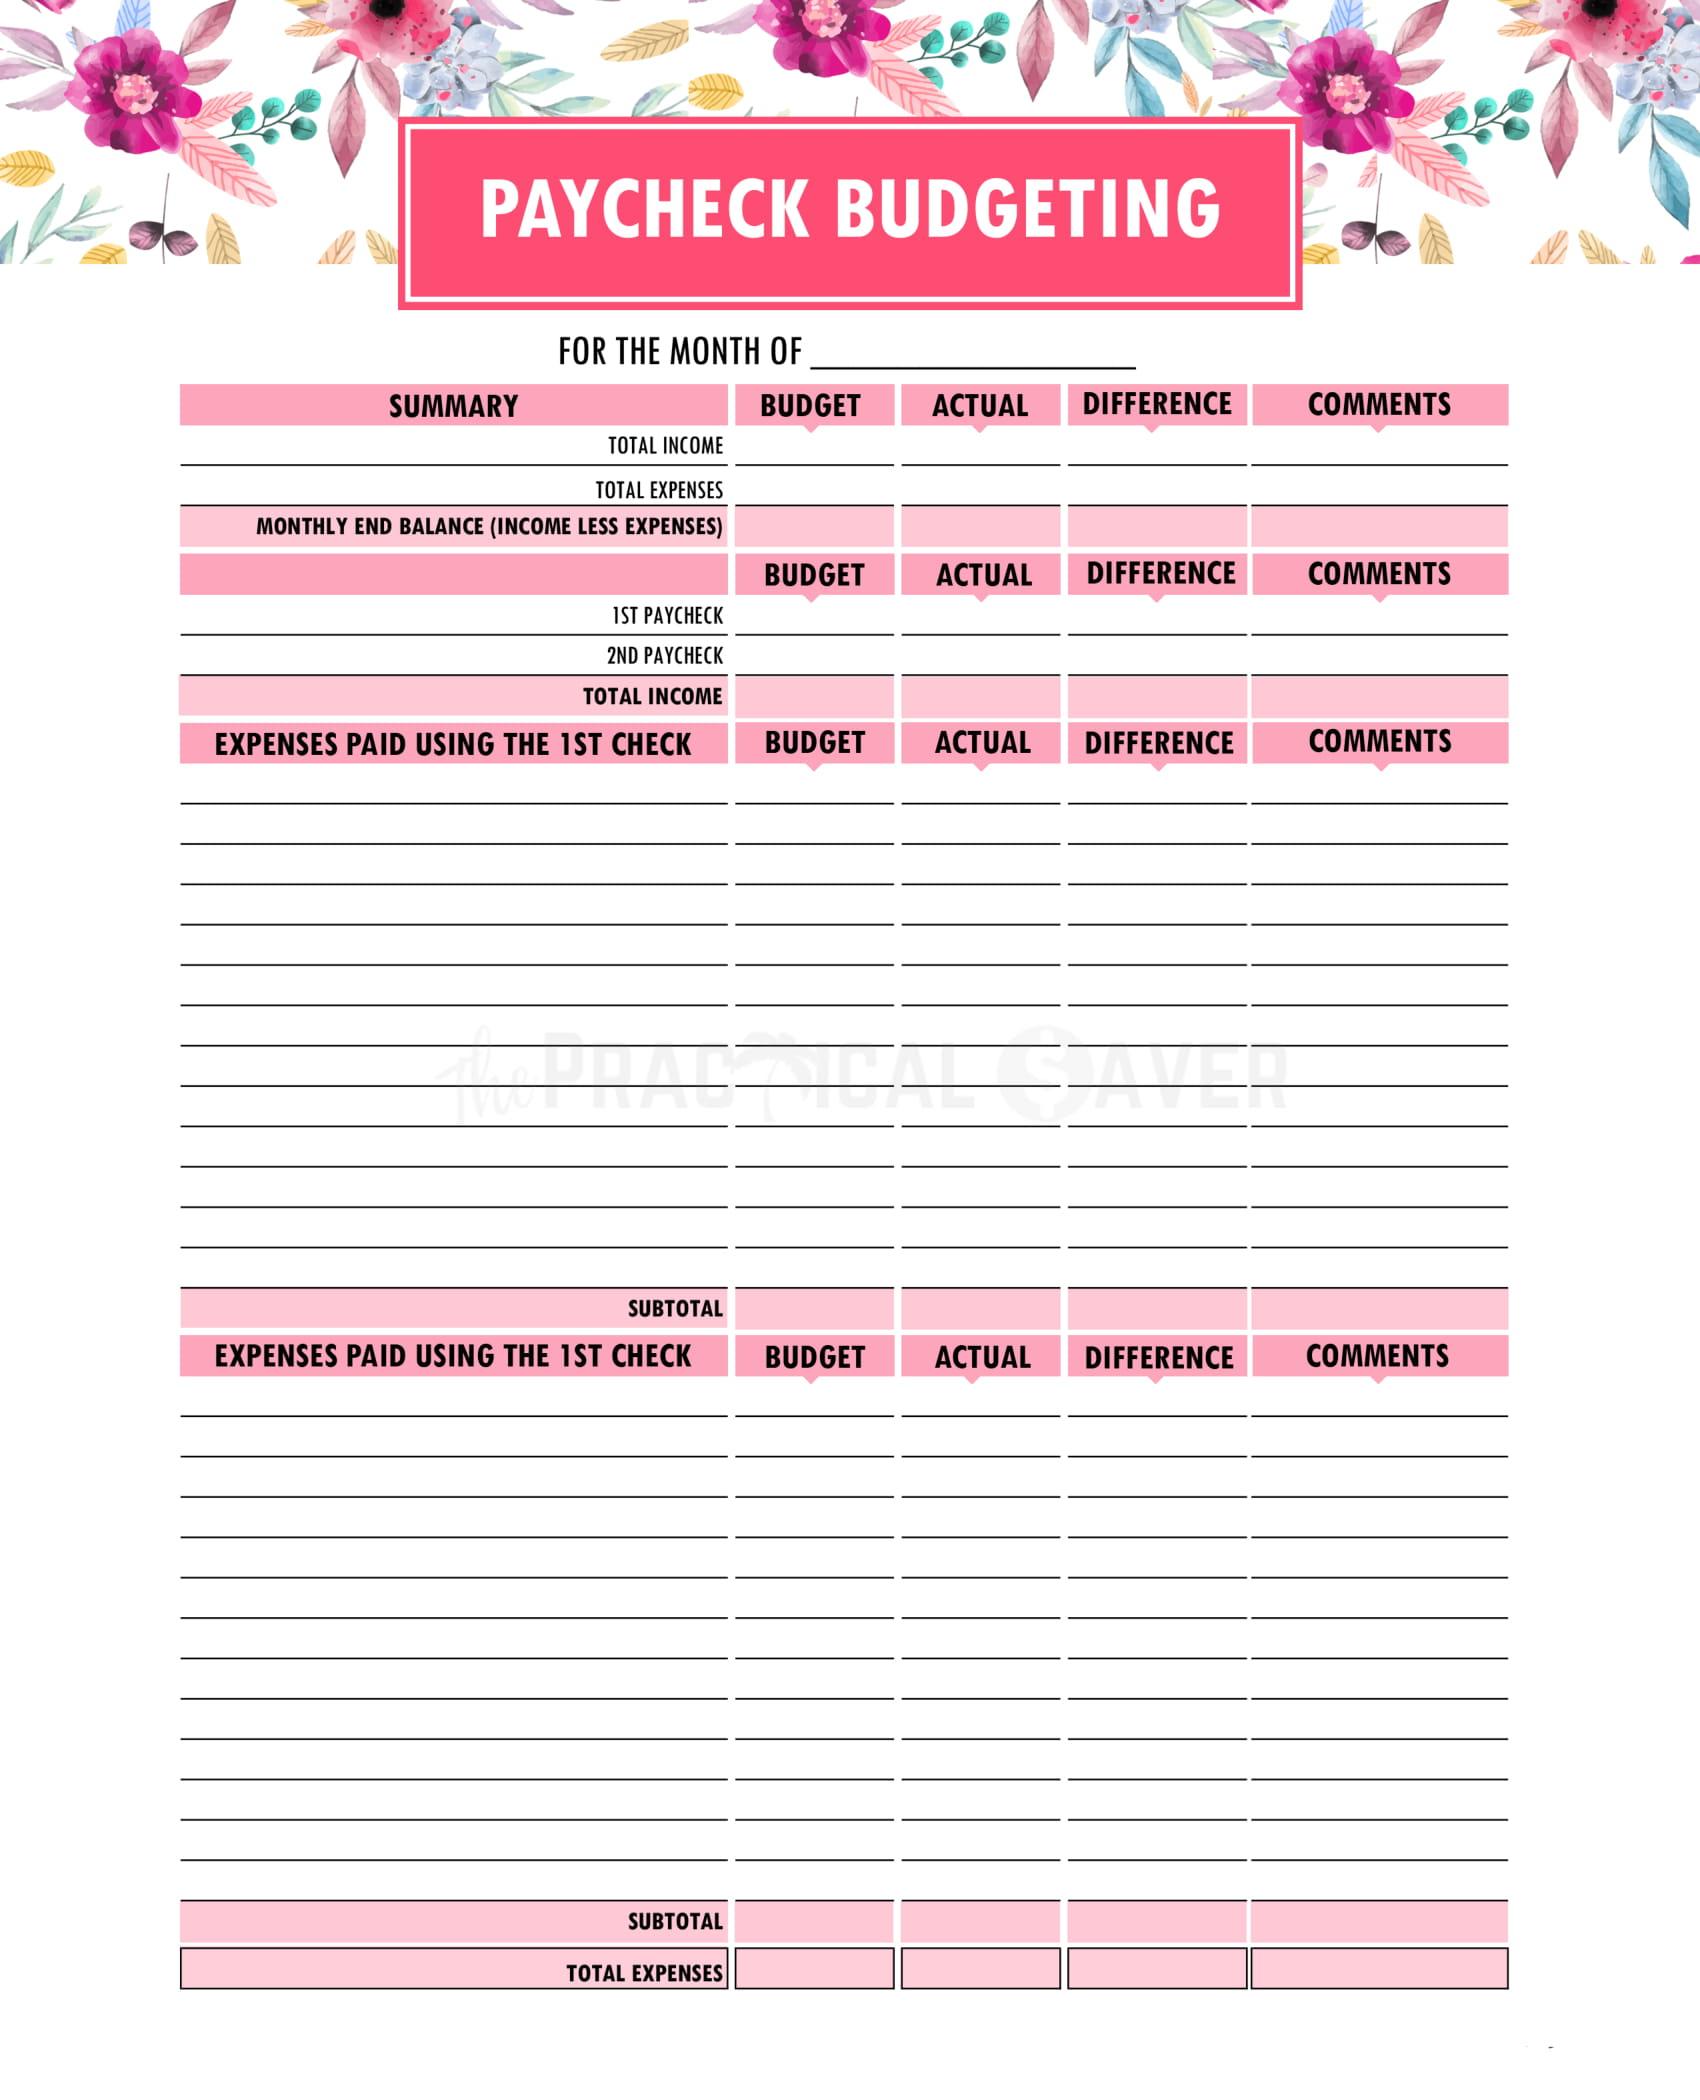 Budget Binder Printables - The Practical Saver | Printable Budget Binder Worksheets